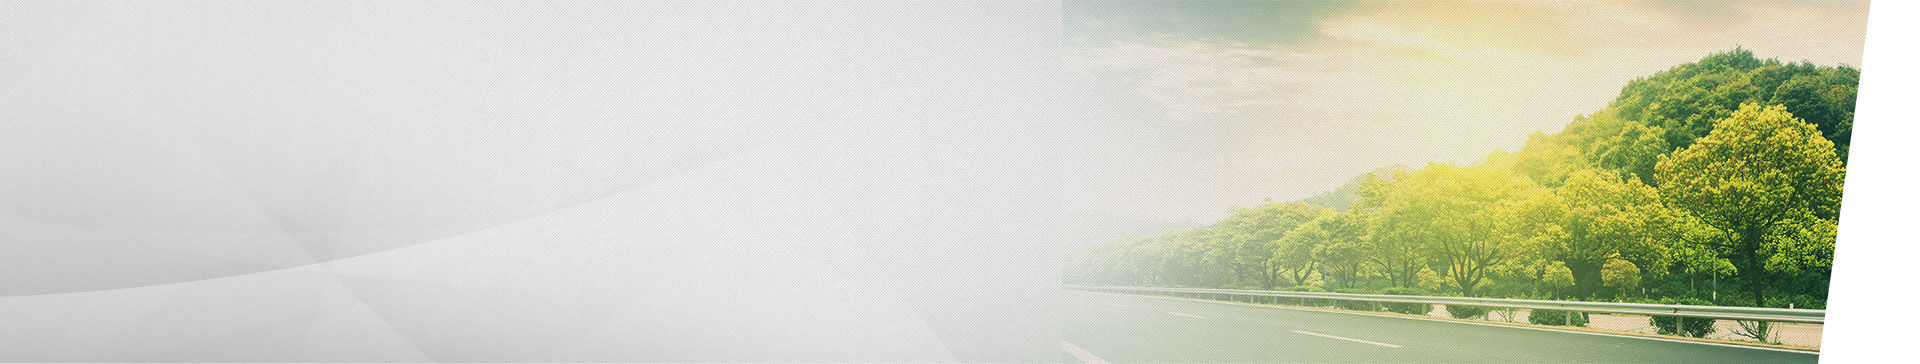 Camry  2018 | Image d'arrière plan